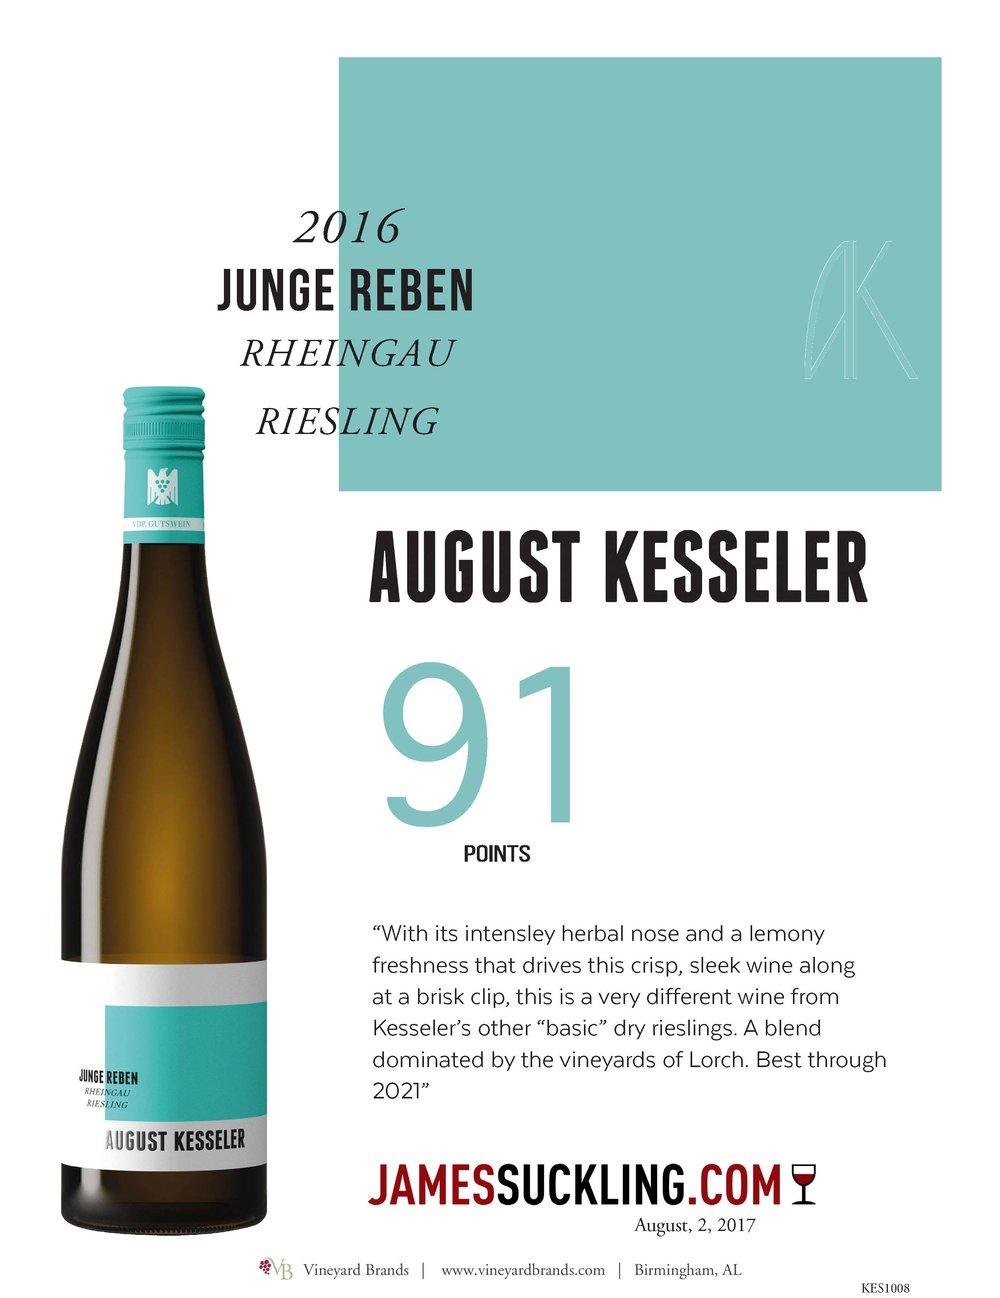 August Kesseler Junge Reben Rheingau Riesling 2016.jpg